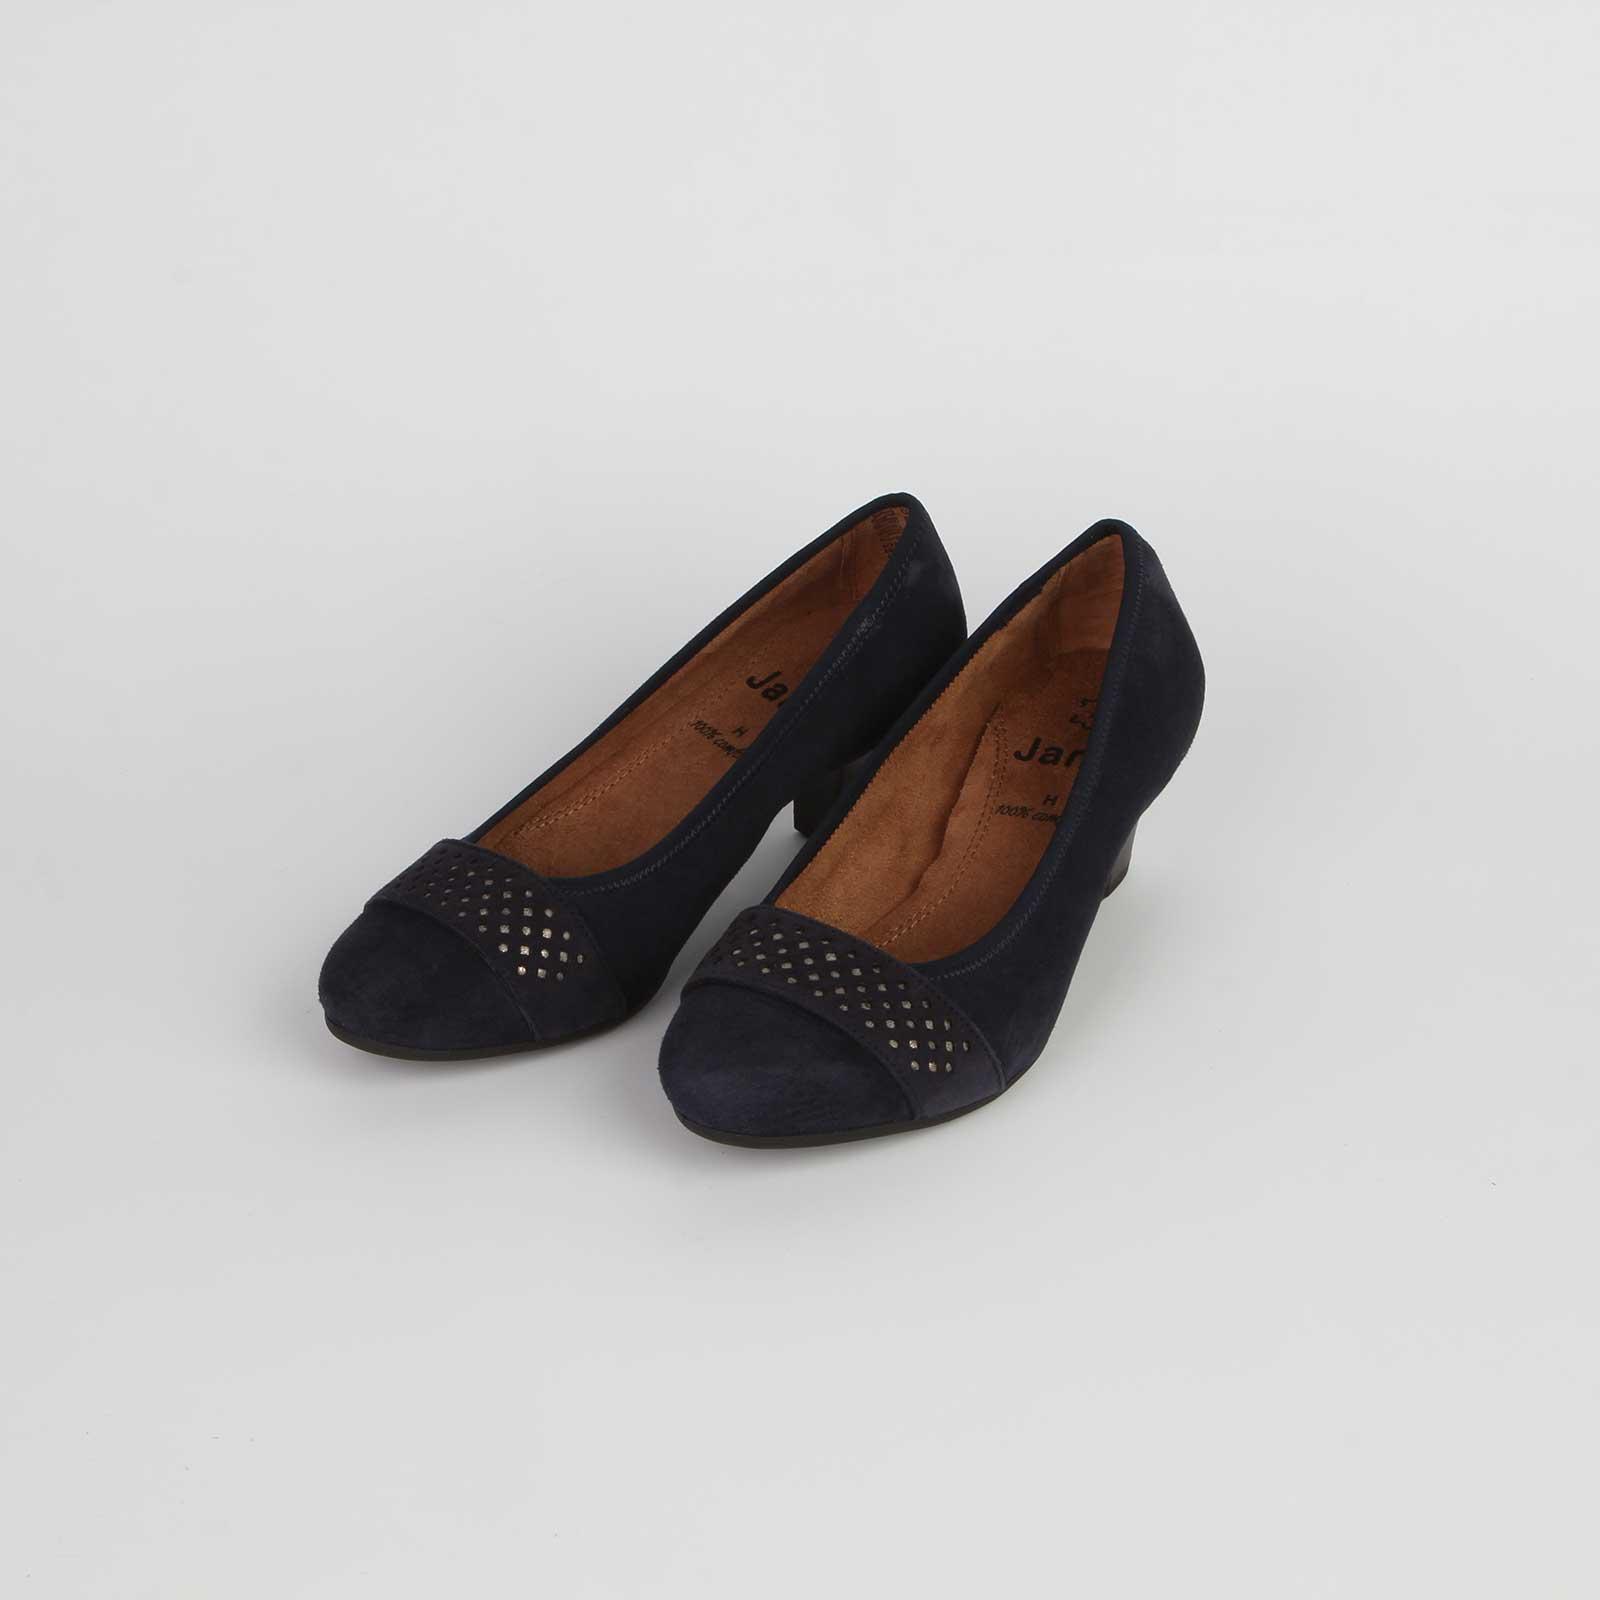 Туфли женские из натуральной кожи декорированные элегантным пояском на мысу